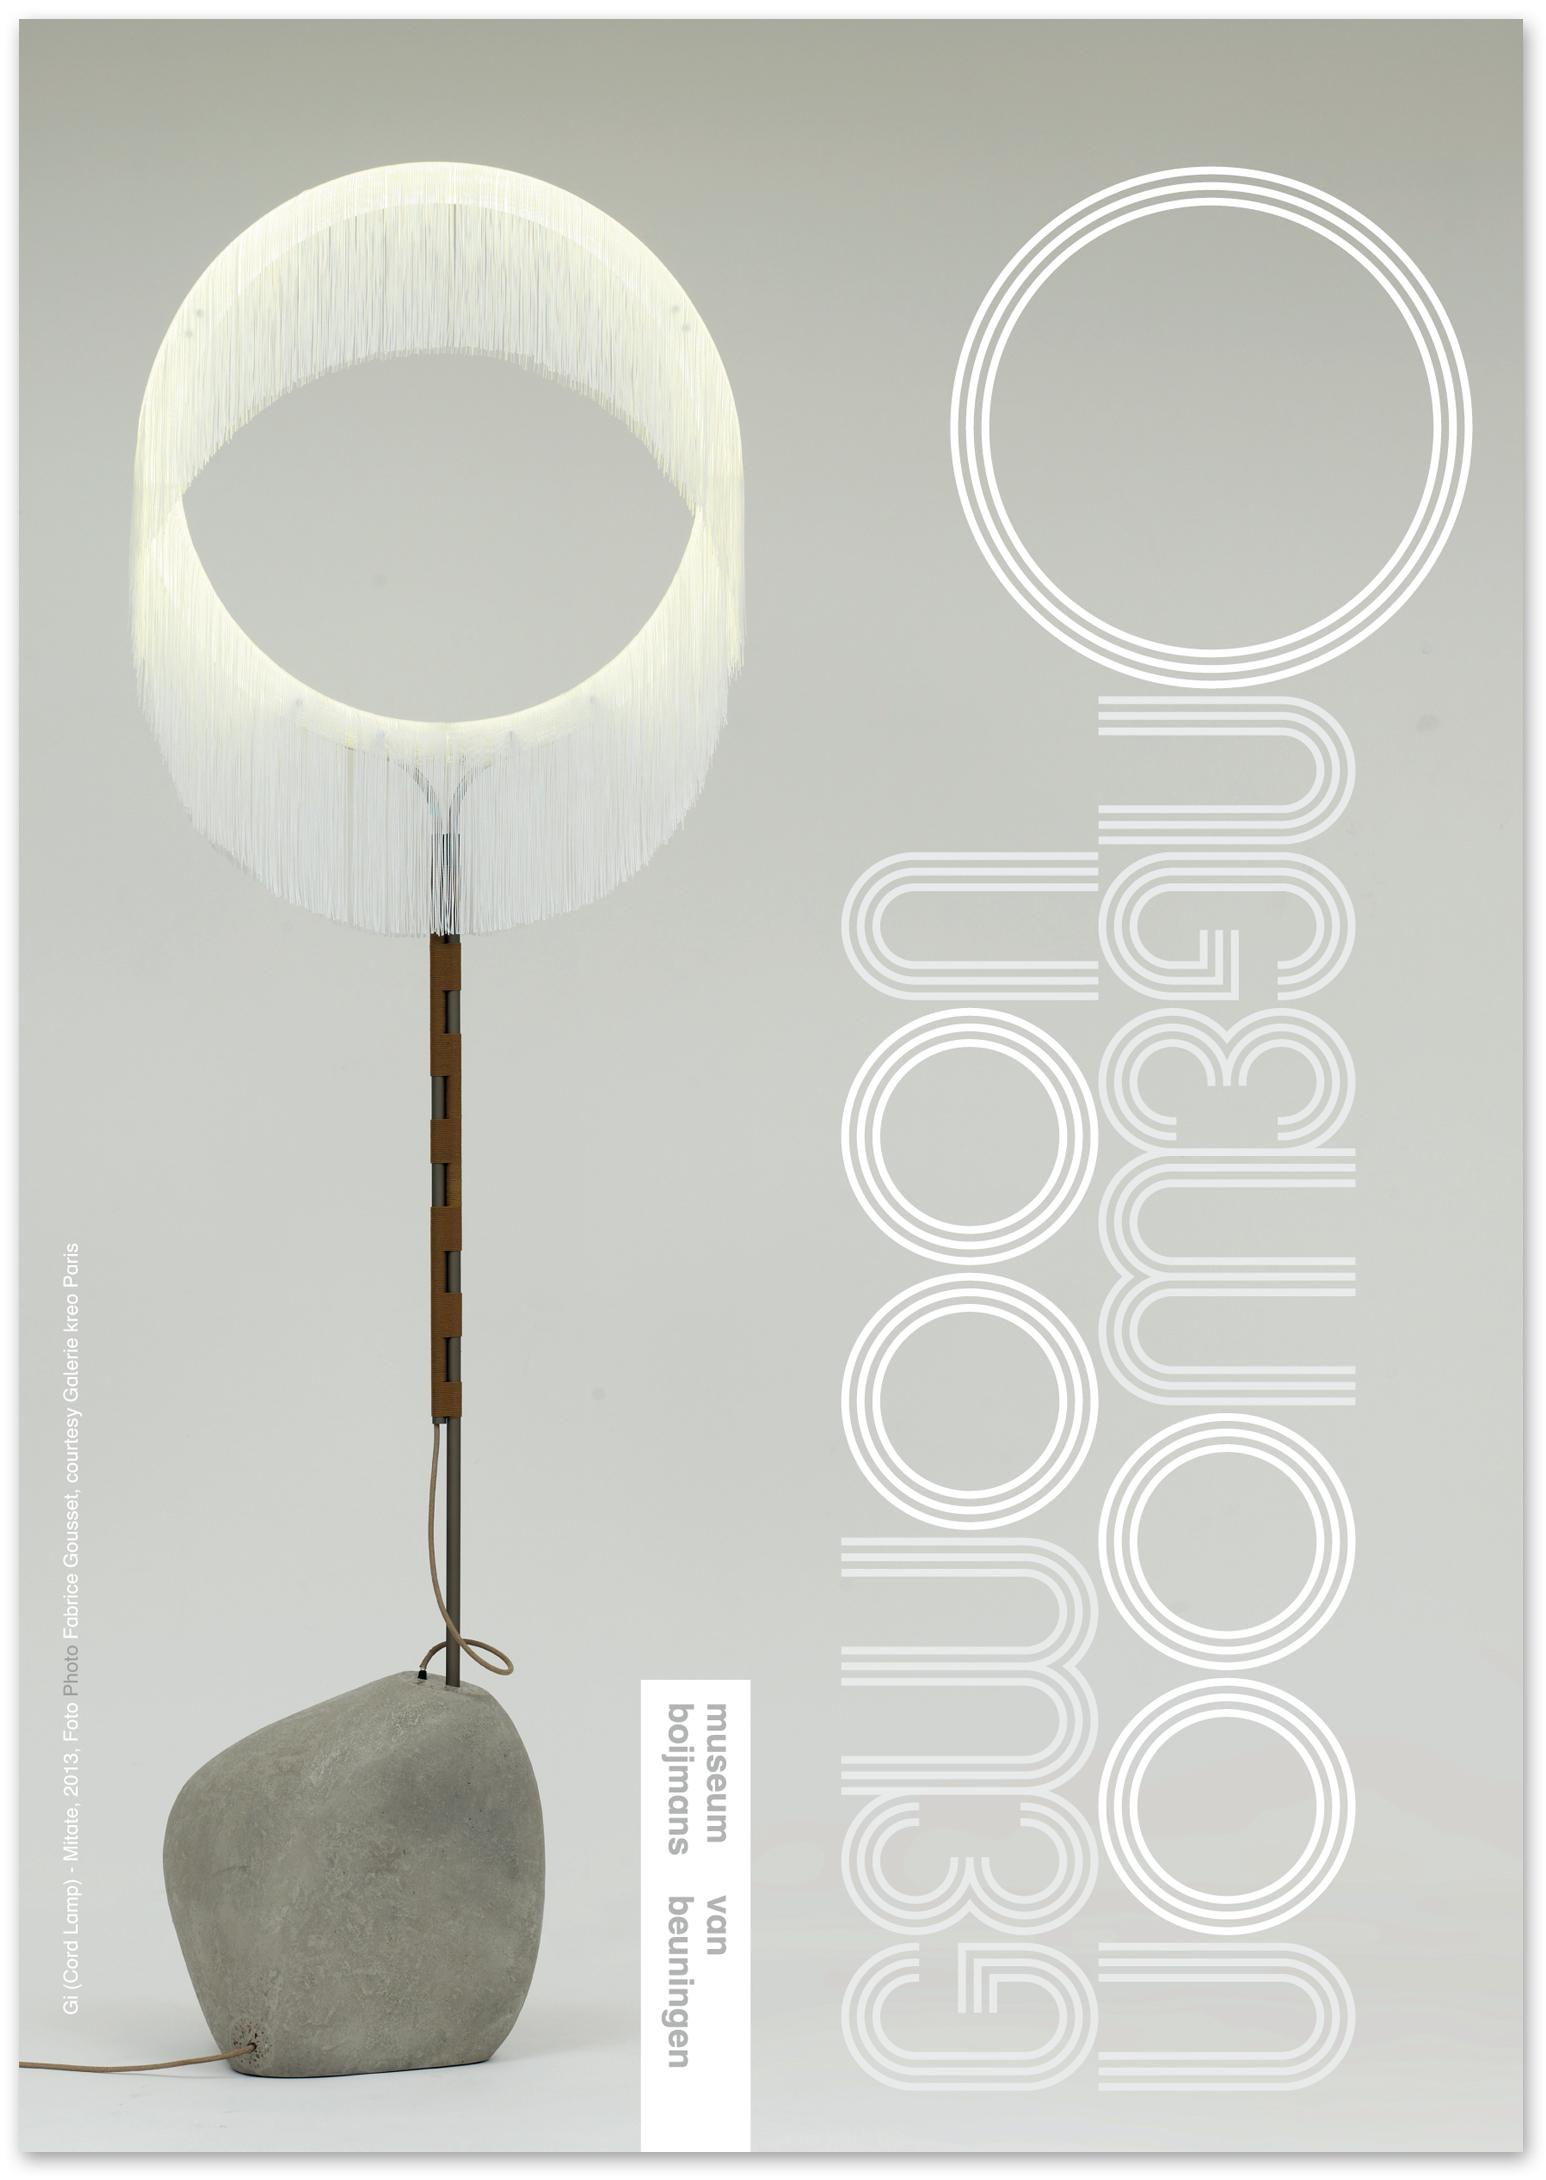 studio_colorado-boijmans_van_beuningen-flyer_wieki_somers-1